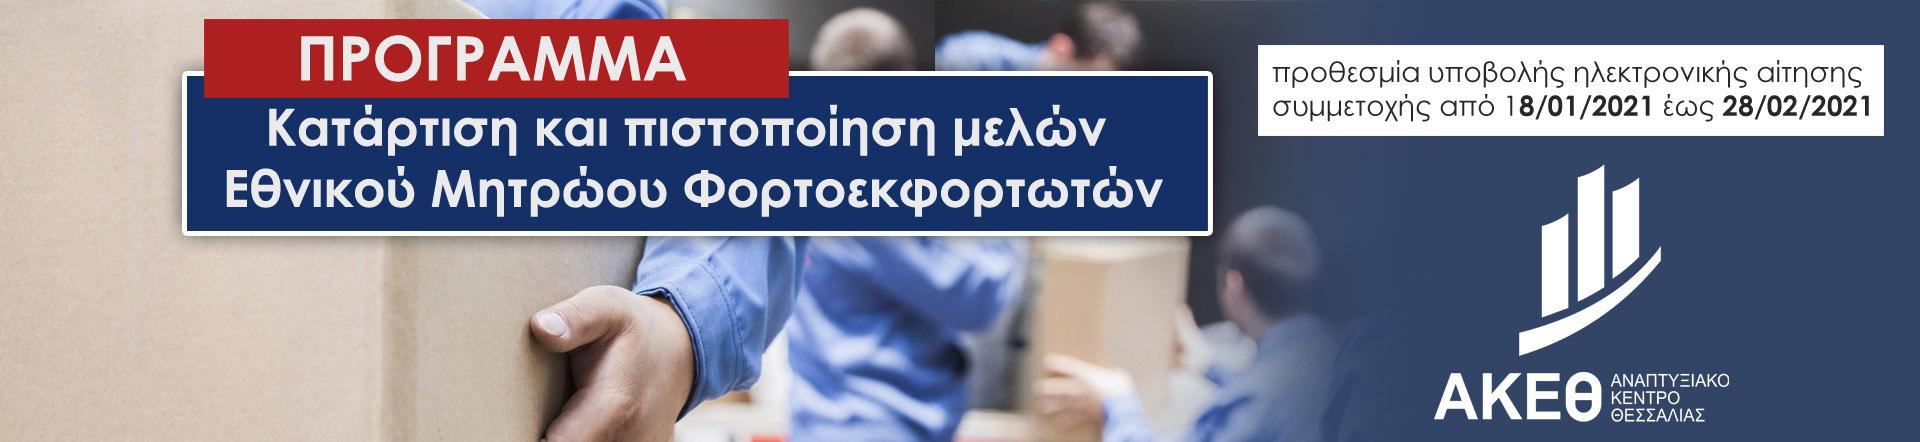 Προγραμμα Voucher Φορτοεκφορτωτών